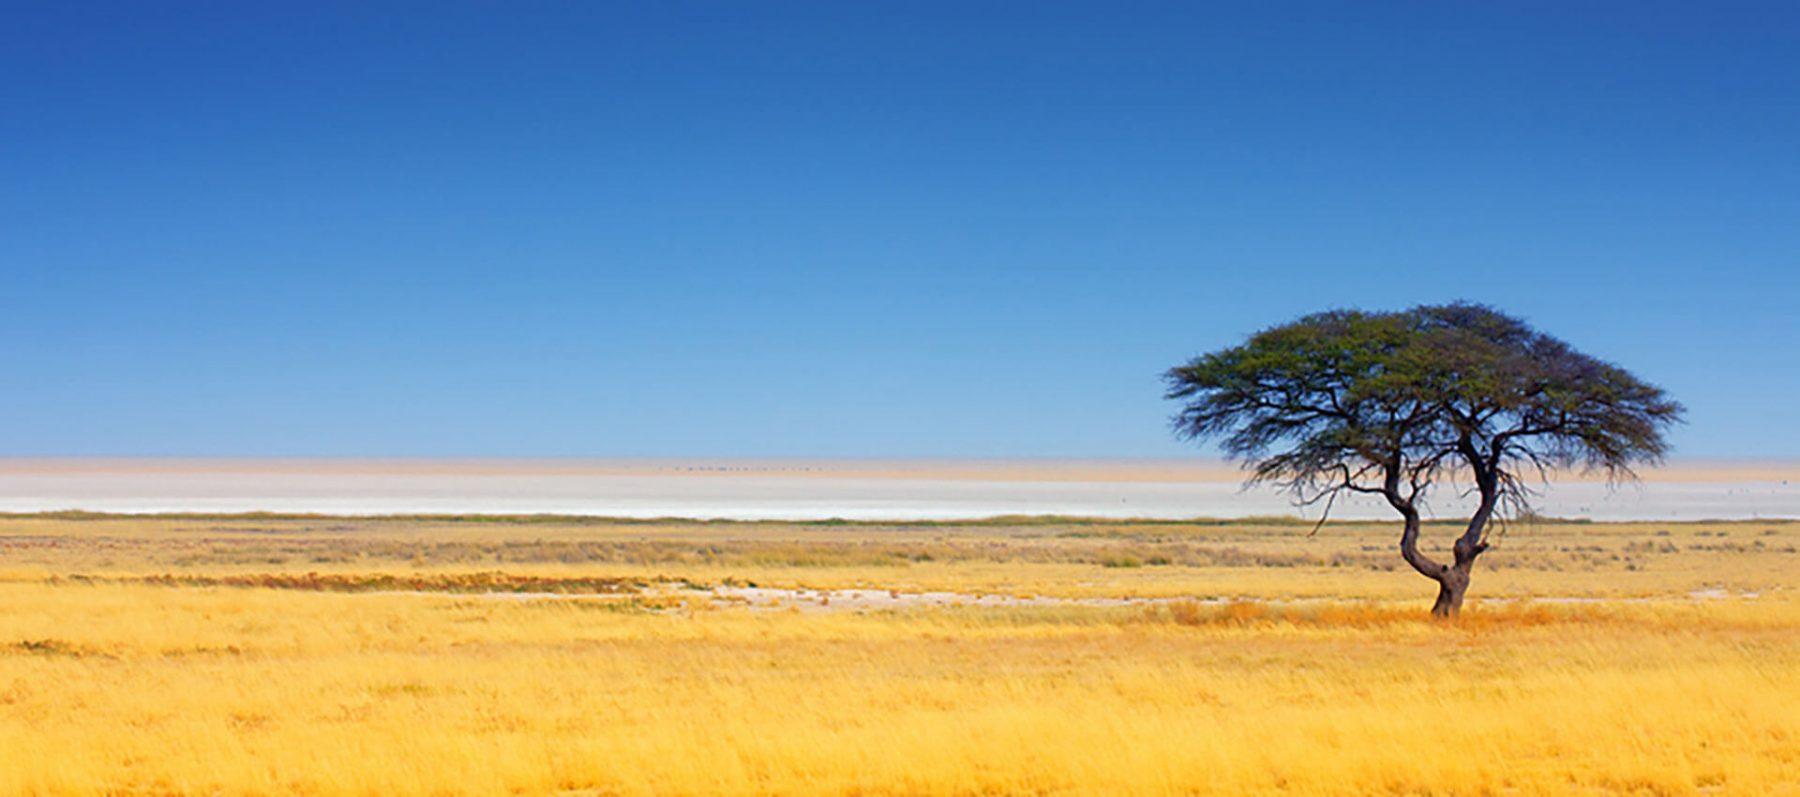 namibia_etosha